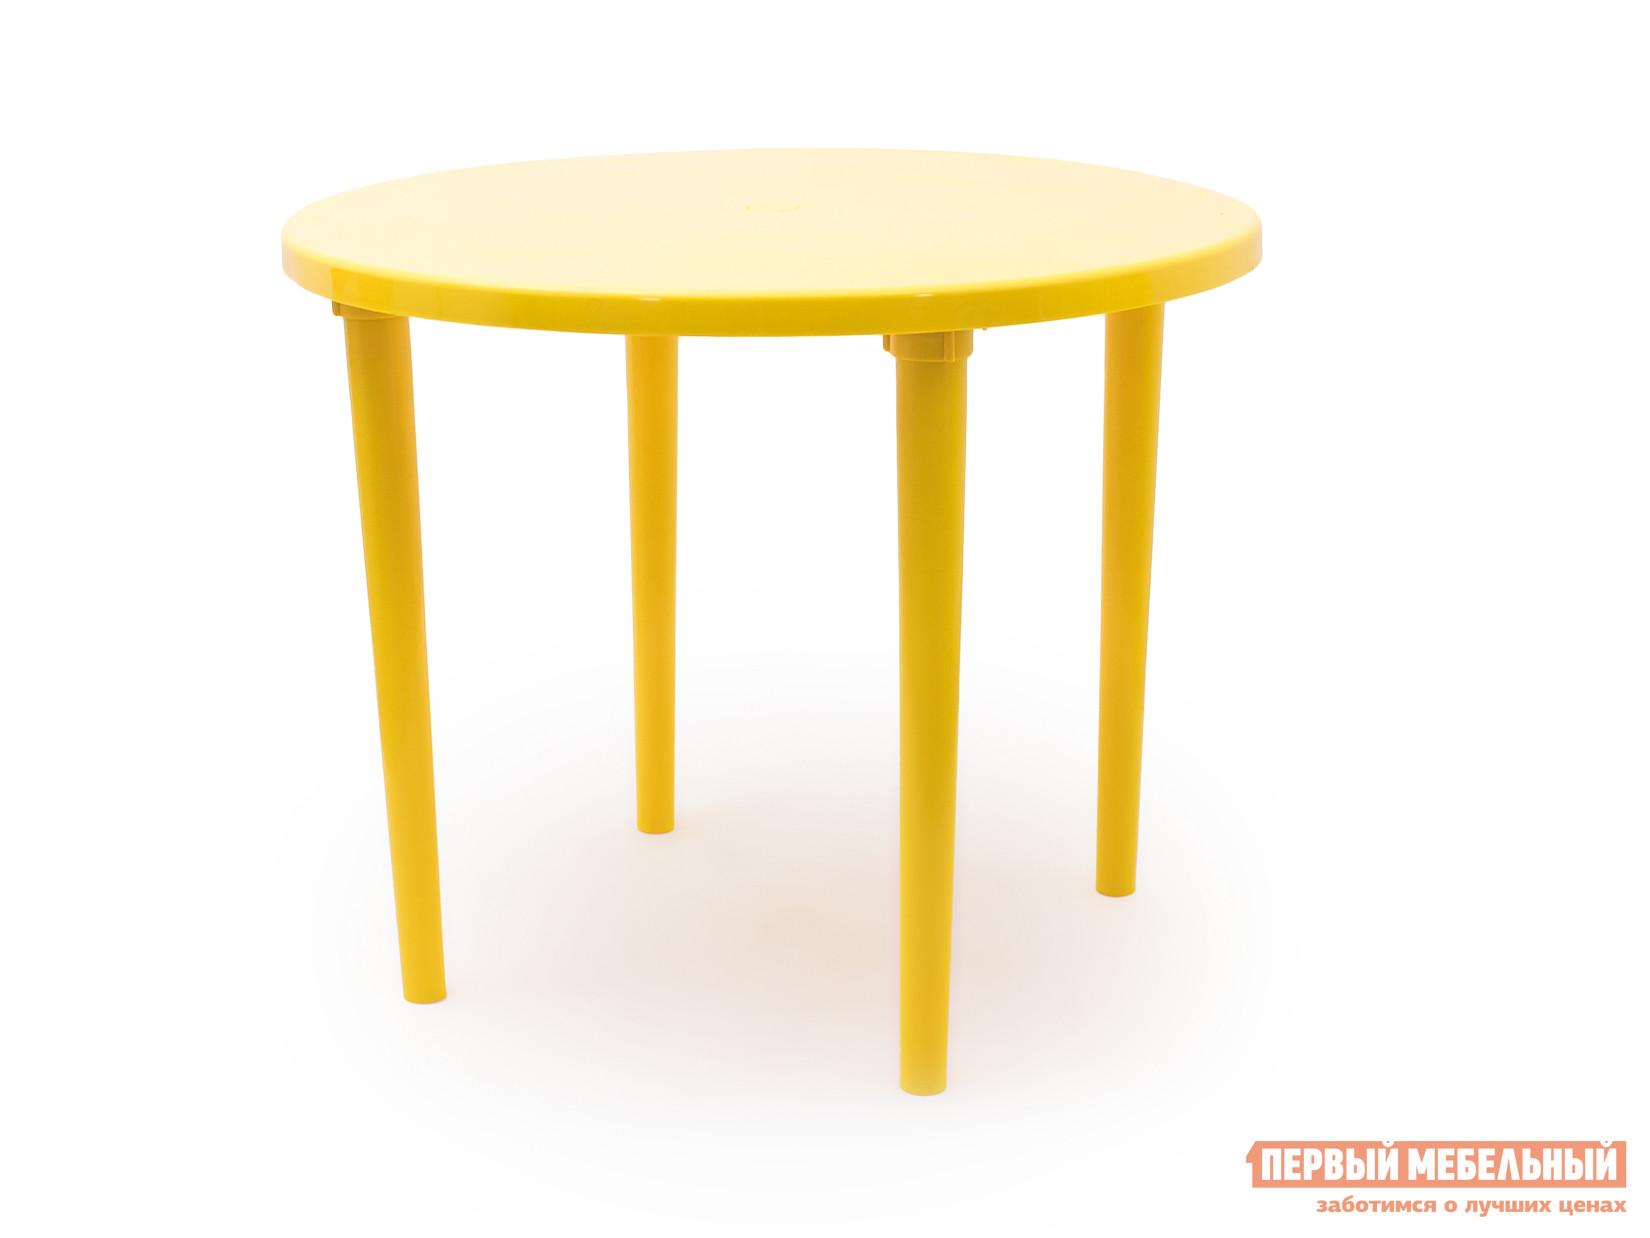 Пластиковый стол Стандарт Пластик Групп Стол круглый, д. 900 мм